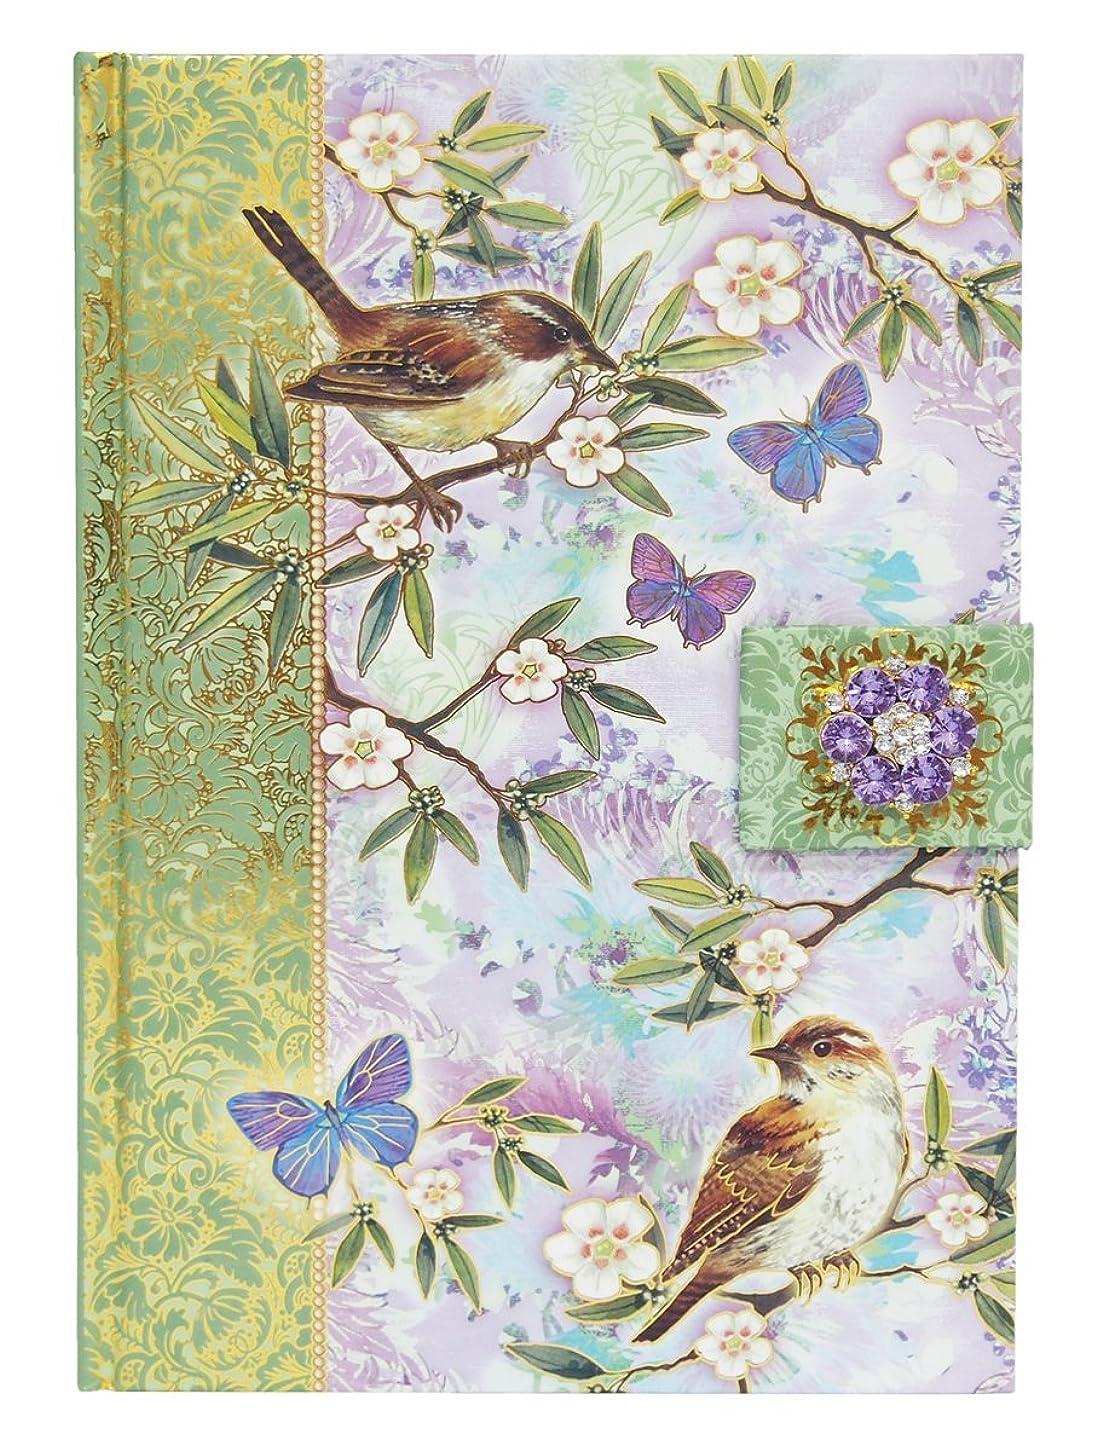 パンチスタジオ ブローチ付き ジャーナルノート マグネット式 (鳥×グリーン×パープル) 95062